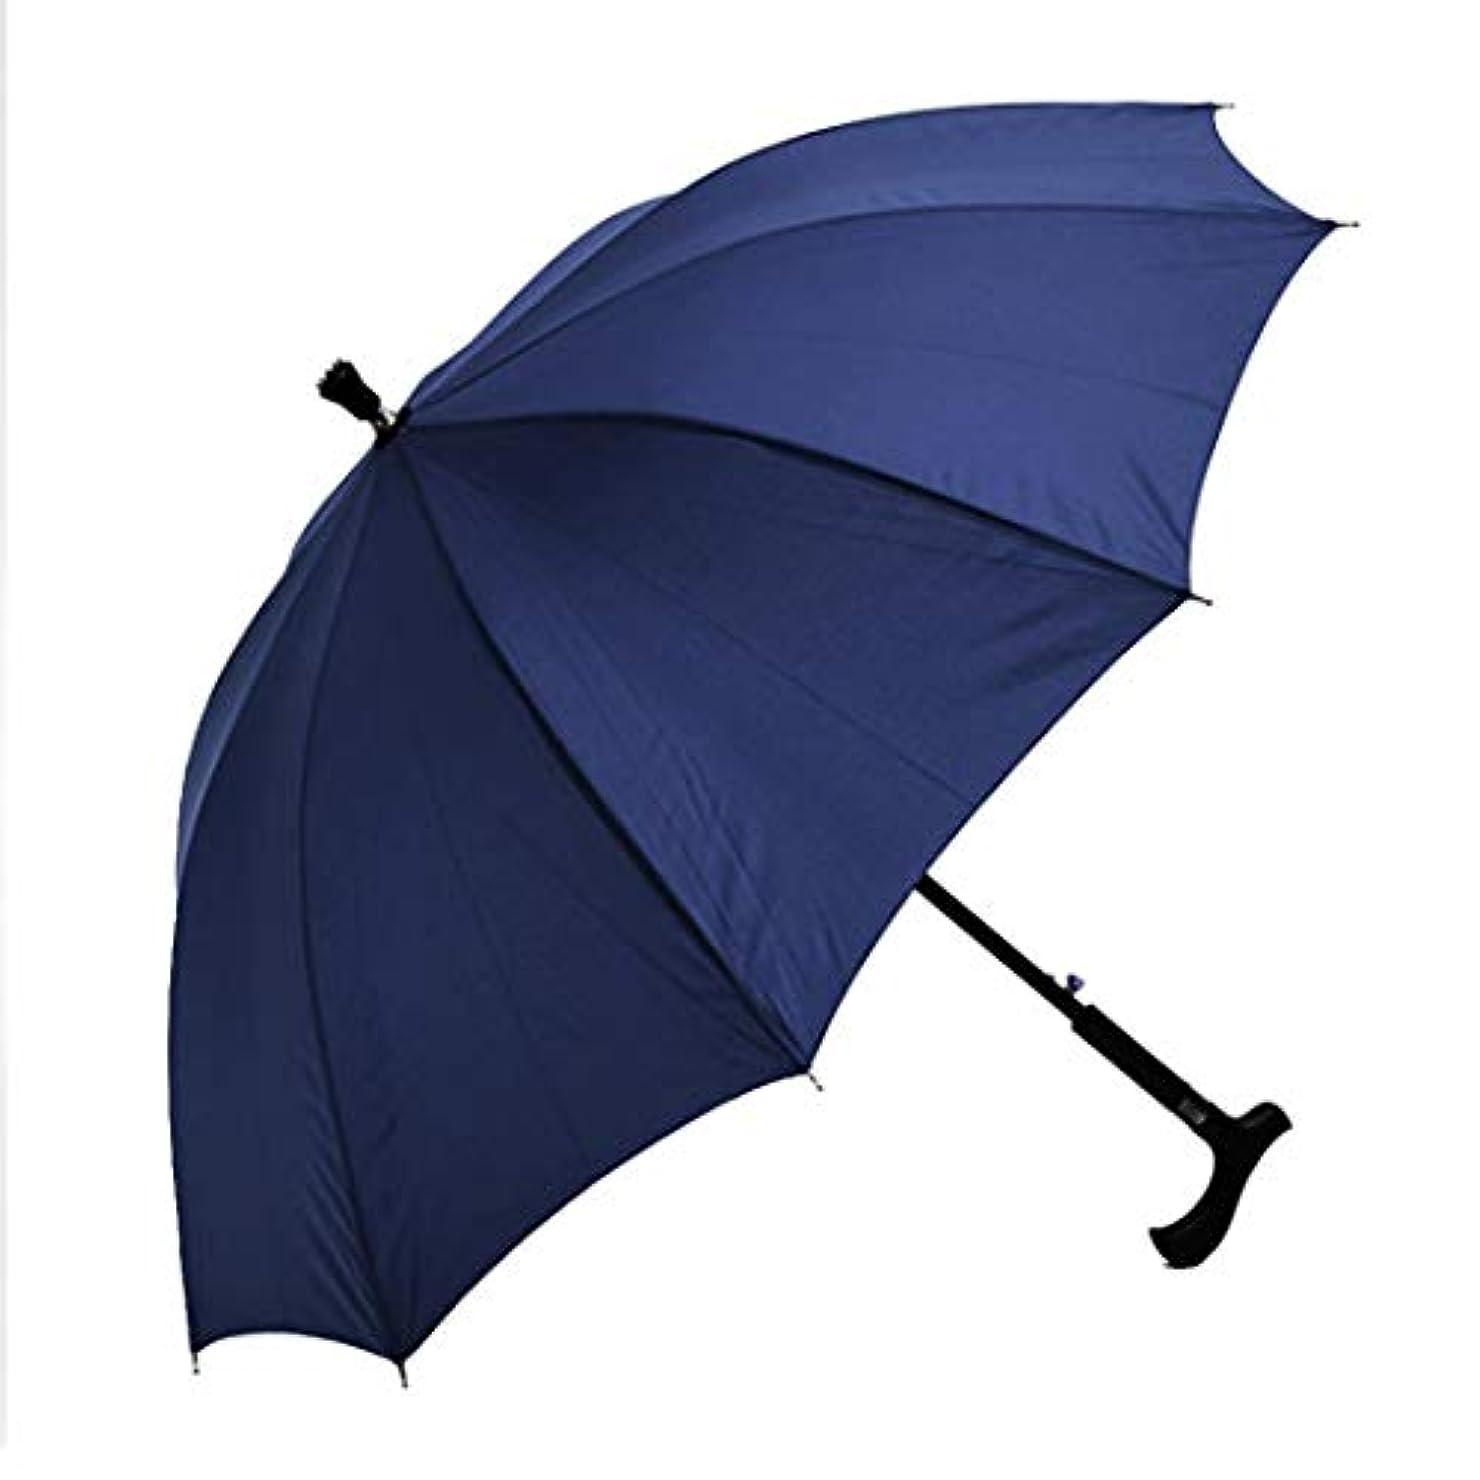 ロゴヒープフィードバックcomentrisyz 2-in-1 クライミング ハイキング スティック 松葉杖 防風雨 サン 傘 - ブルー